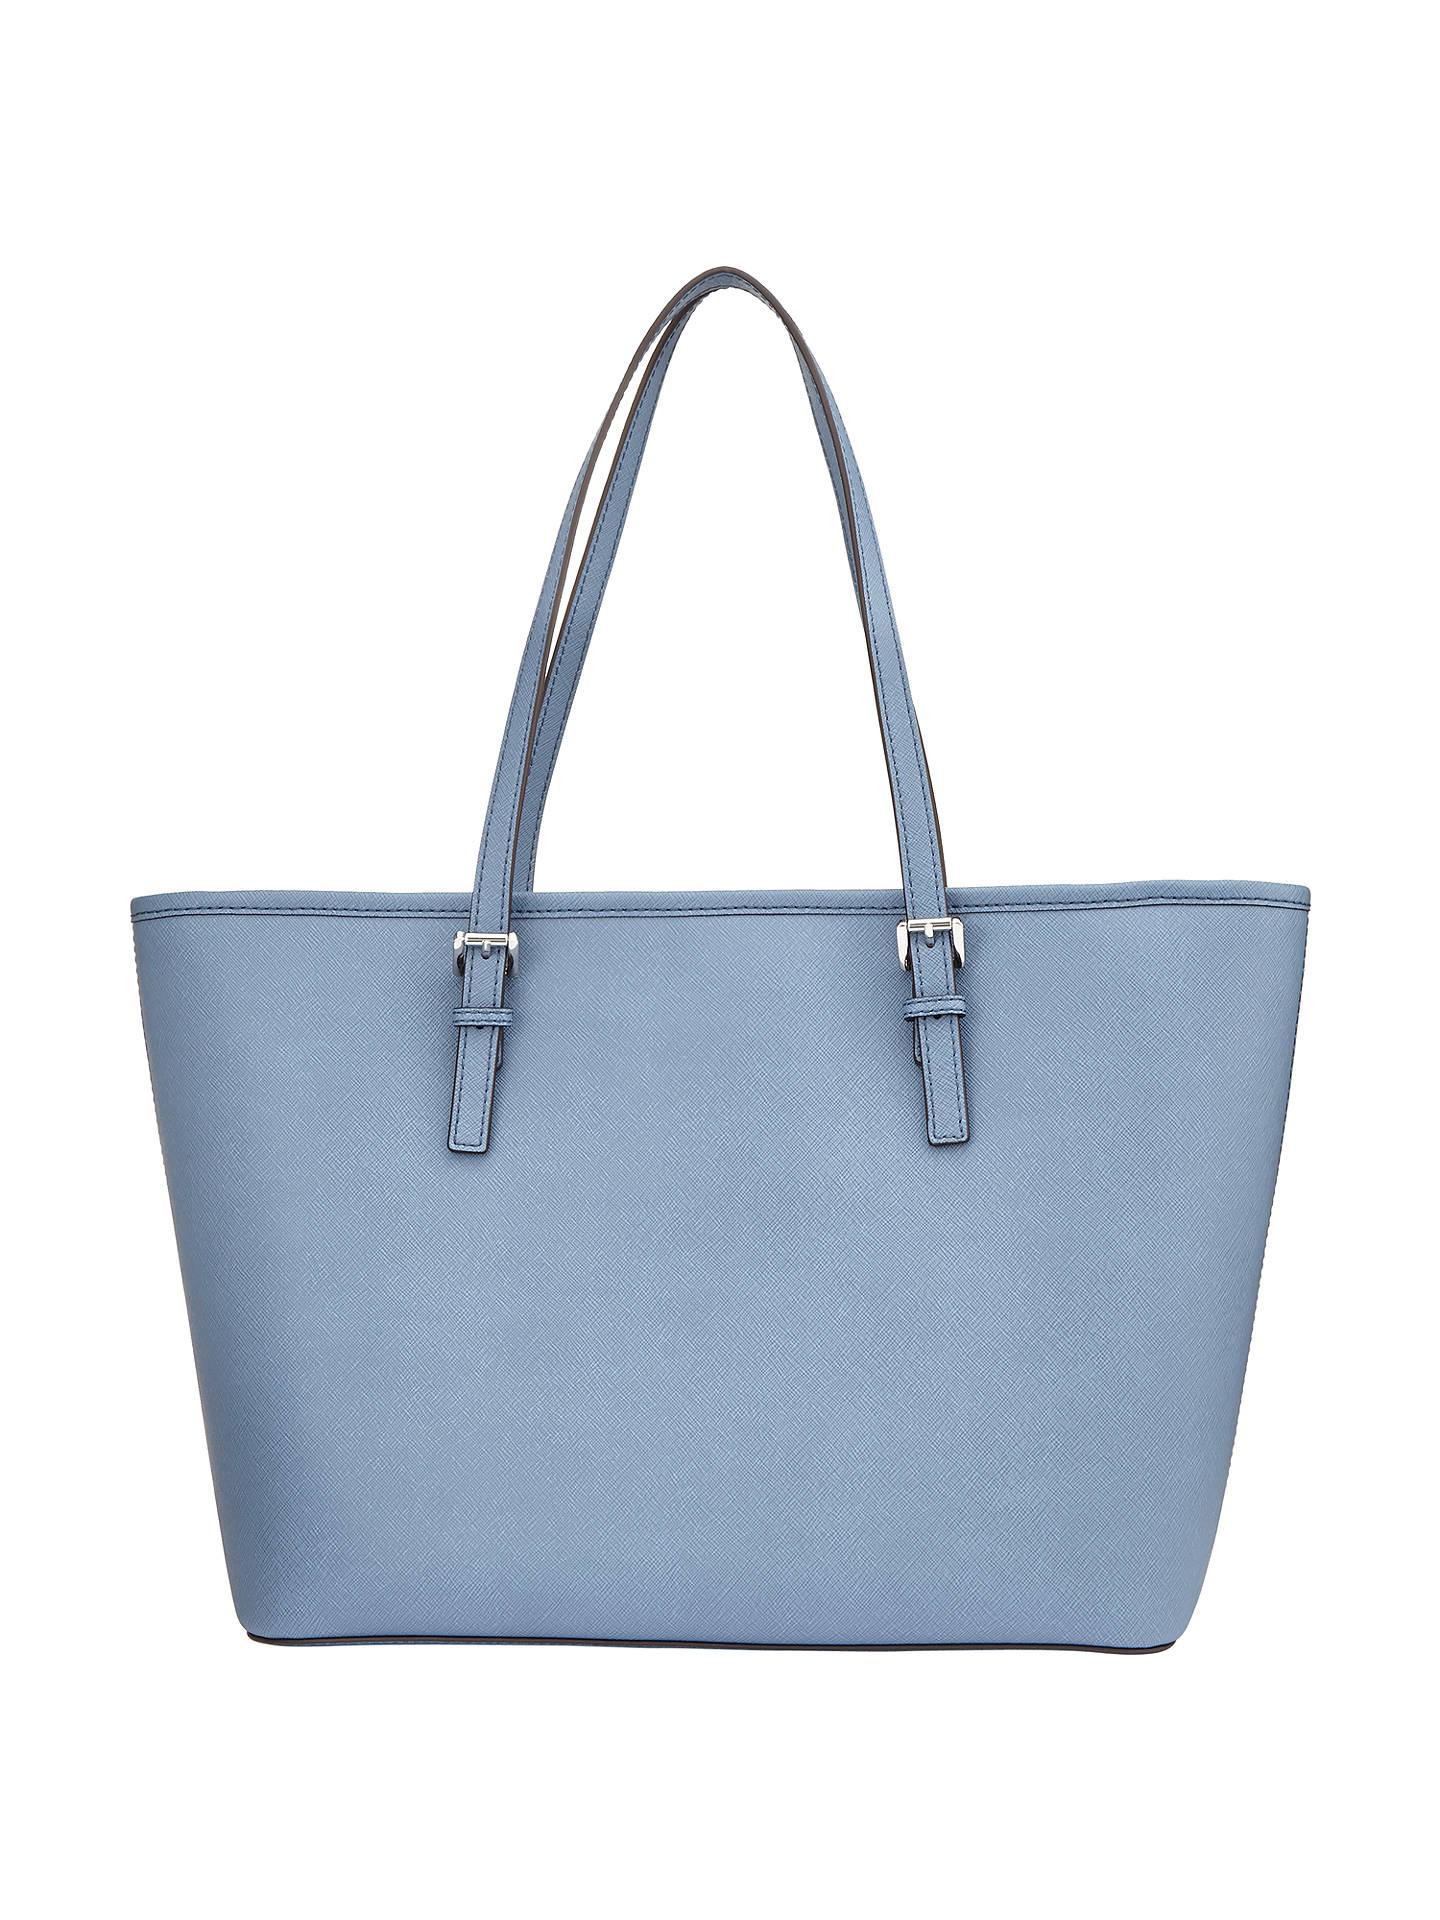 24c258052729 ... Buy MICHAEL Michael Kors Jet Set Travel Top Zip Leather Tote Bag, Denim  Online at ...